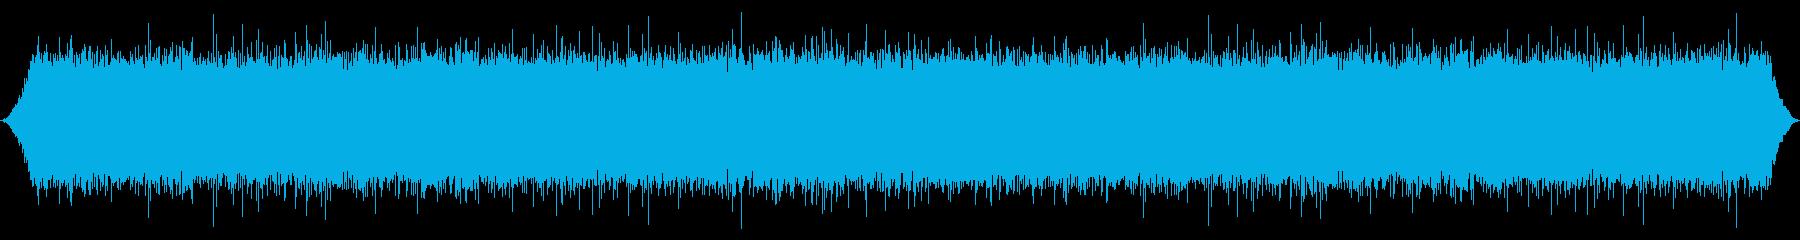 川:中程度の渦流の再生済みの波形